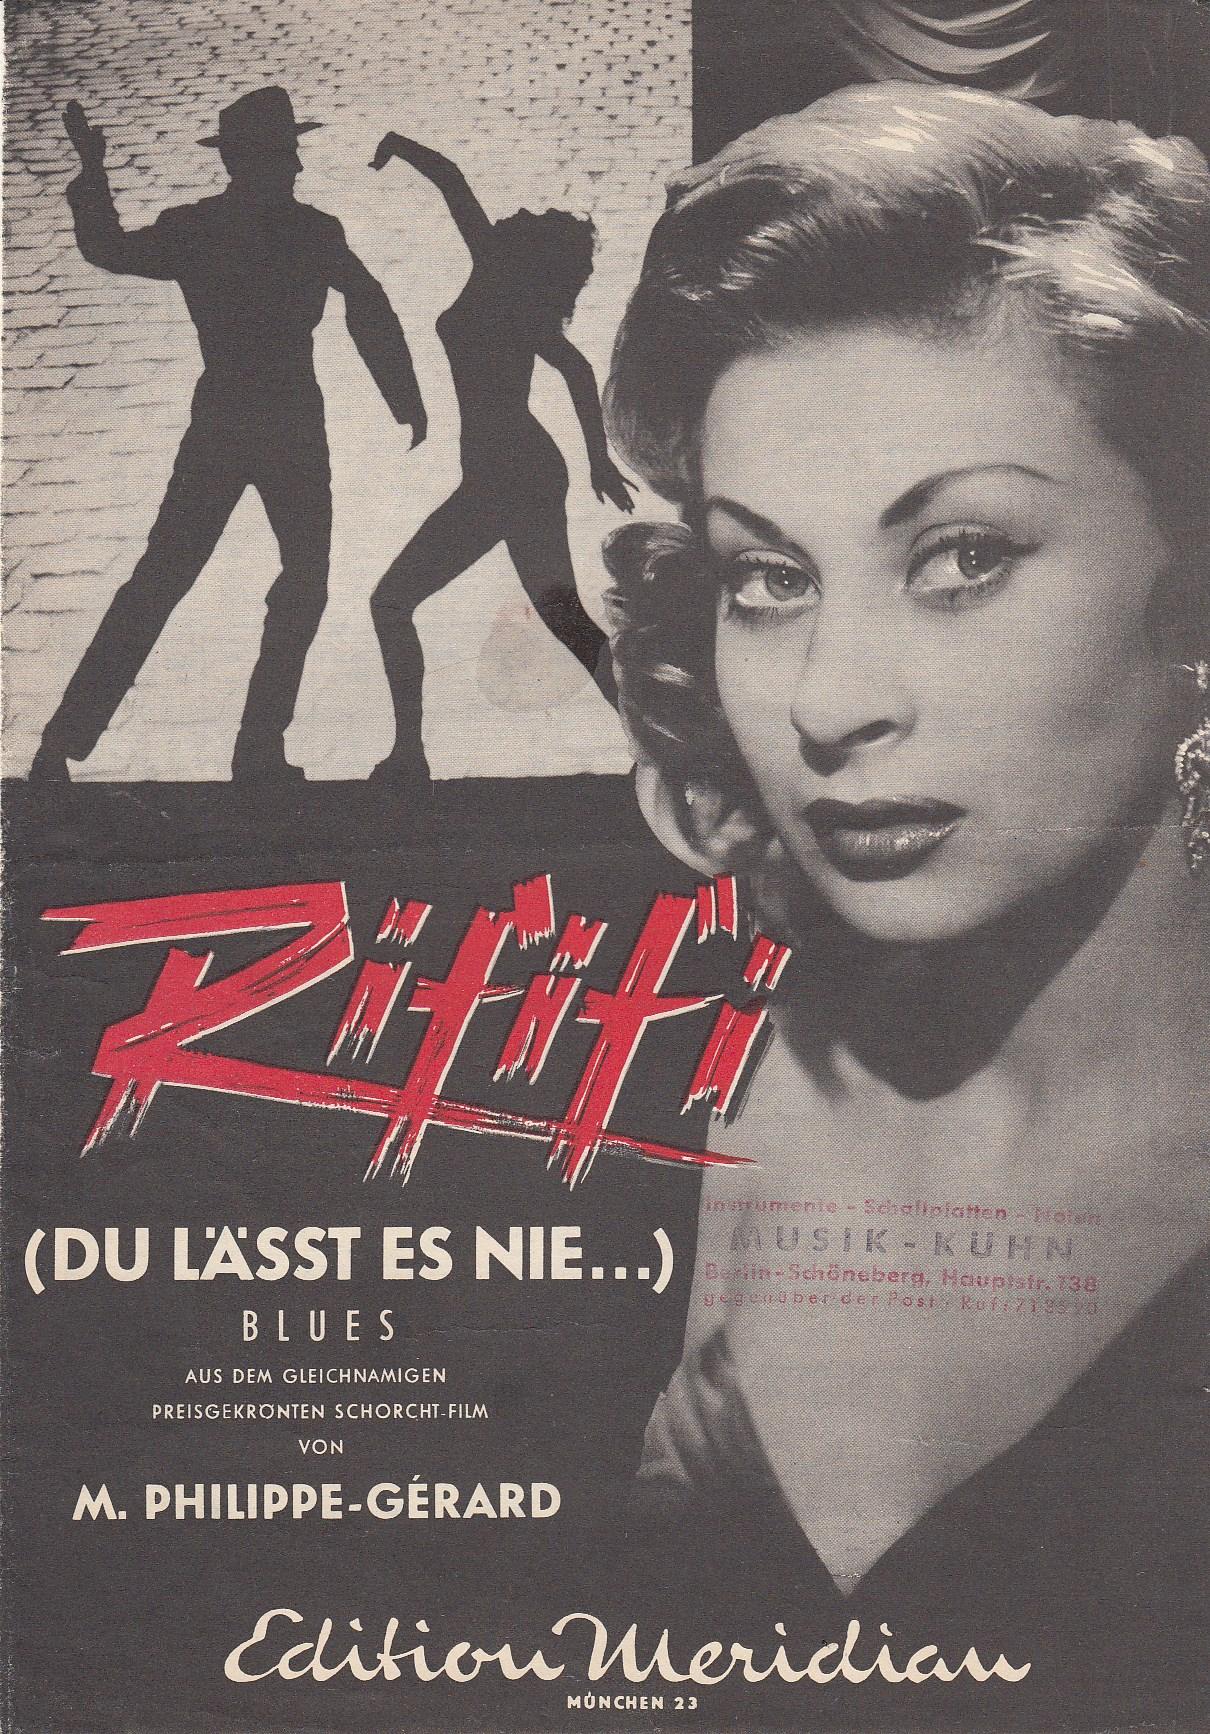 Rififi (Du läßt es nie...) Blues. Aus dem gleichnamigen Schorcht-Filmvon M.Philippe-Gérard. Text (französisch und deutsch) und Noten.